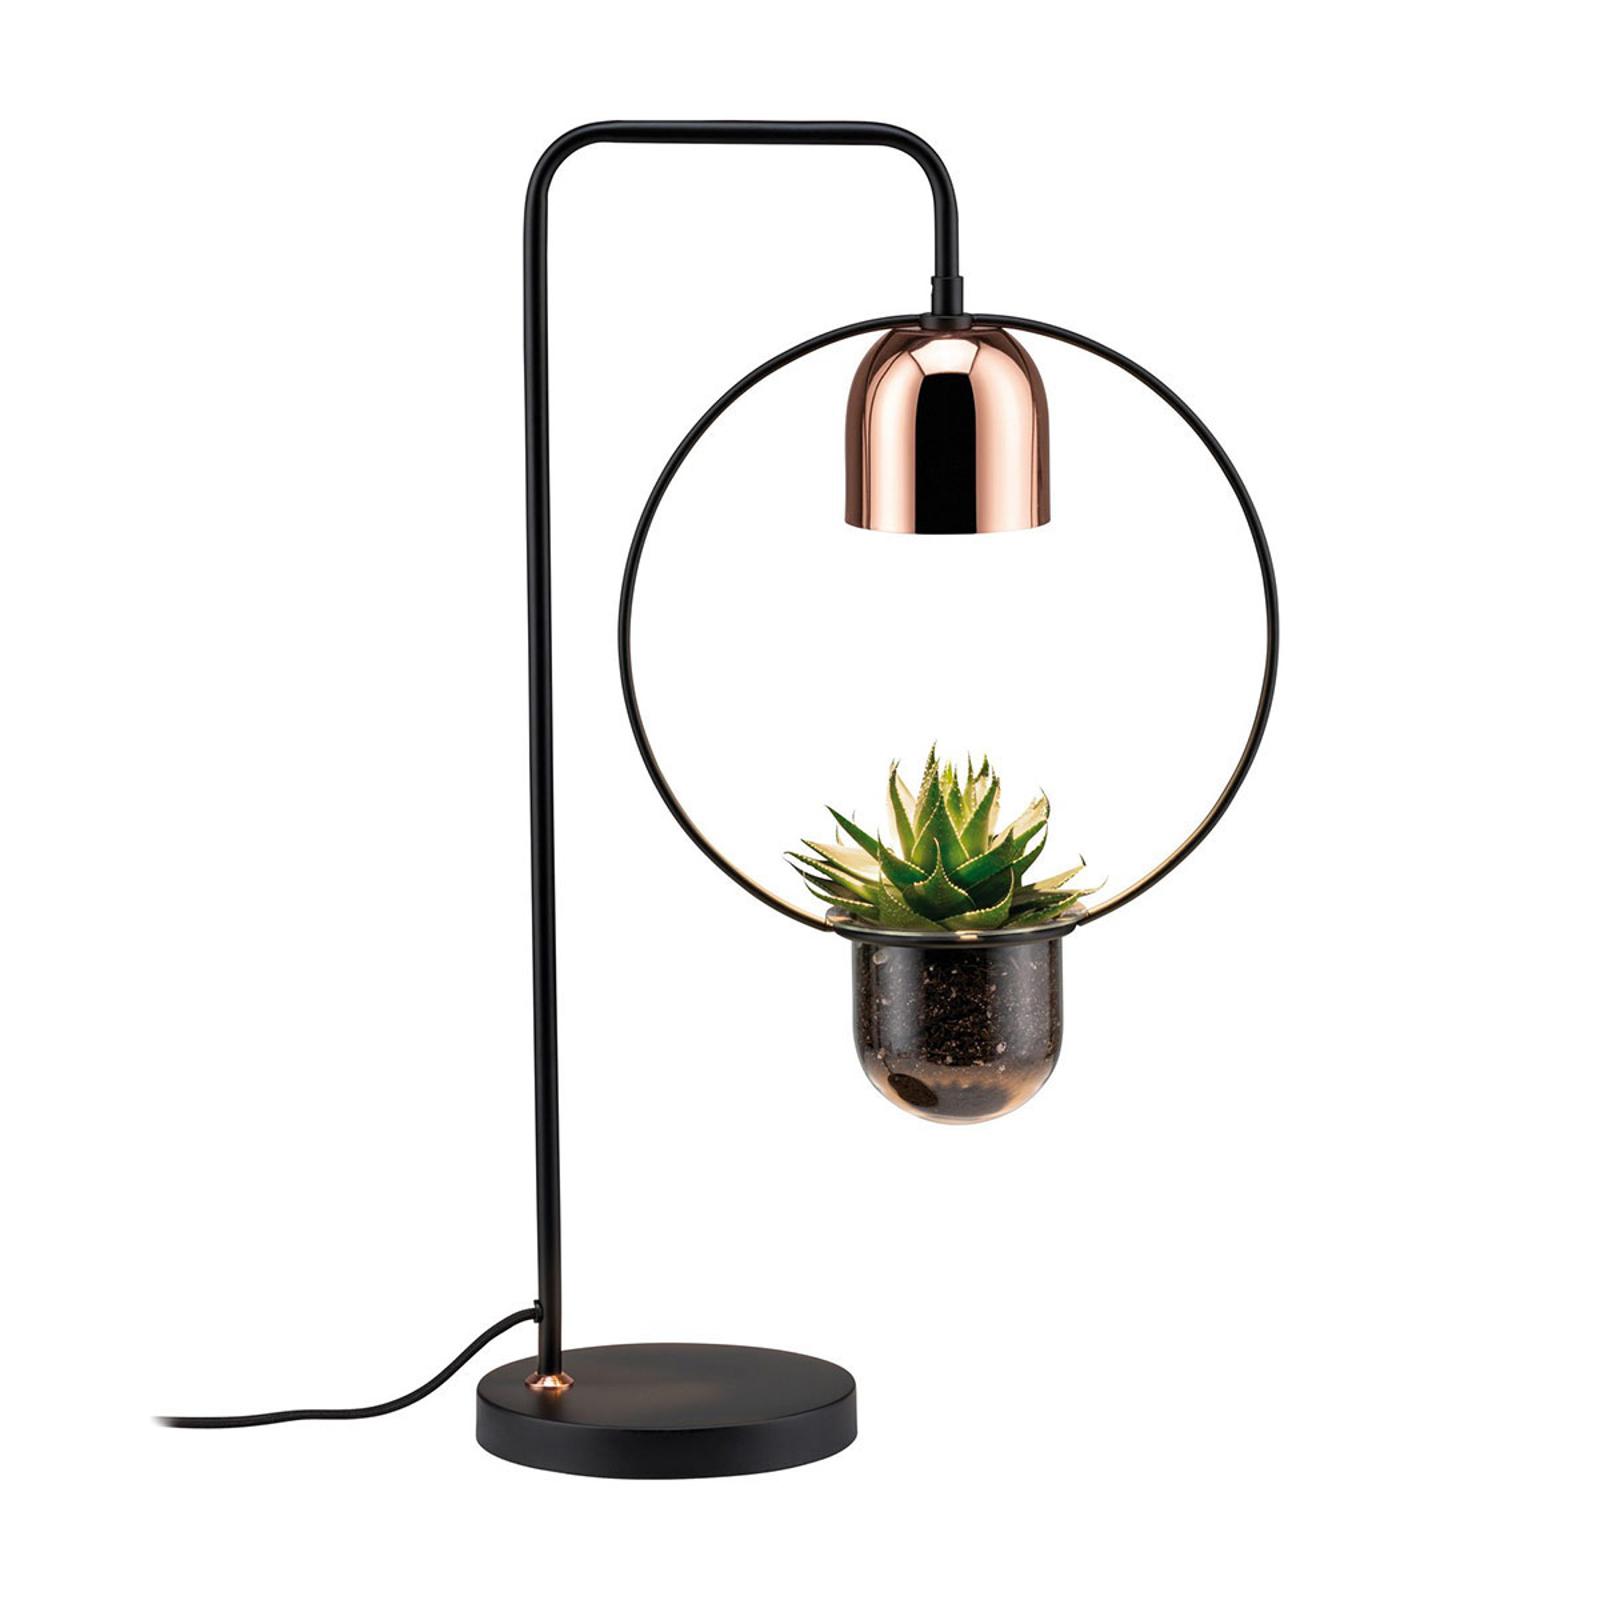 Paulmann Tischlampe Fanja mit Pflanzgefäß